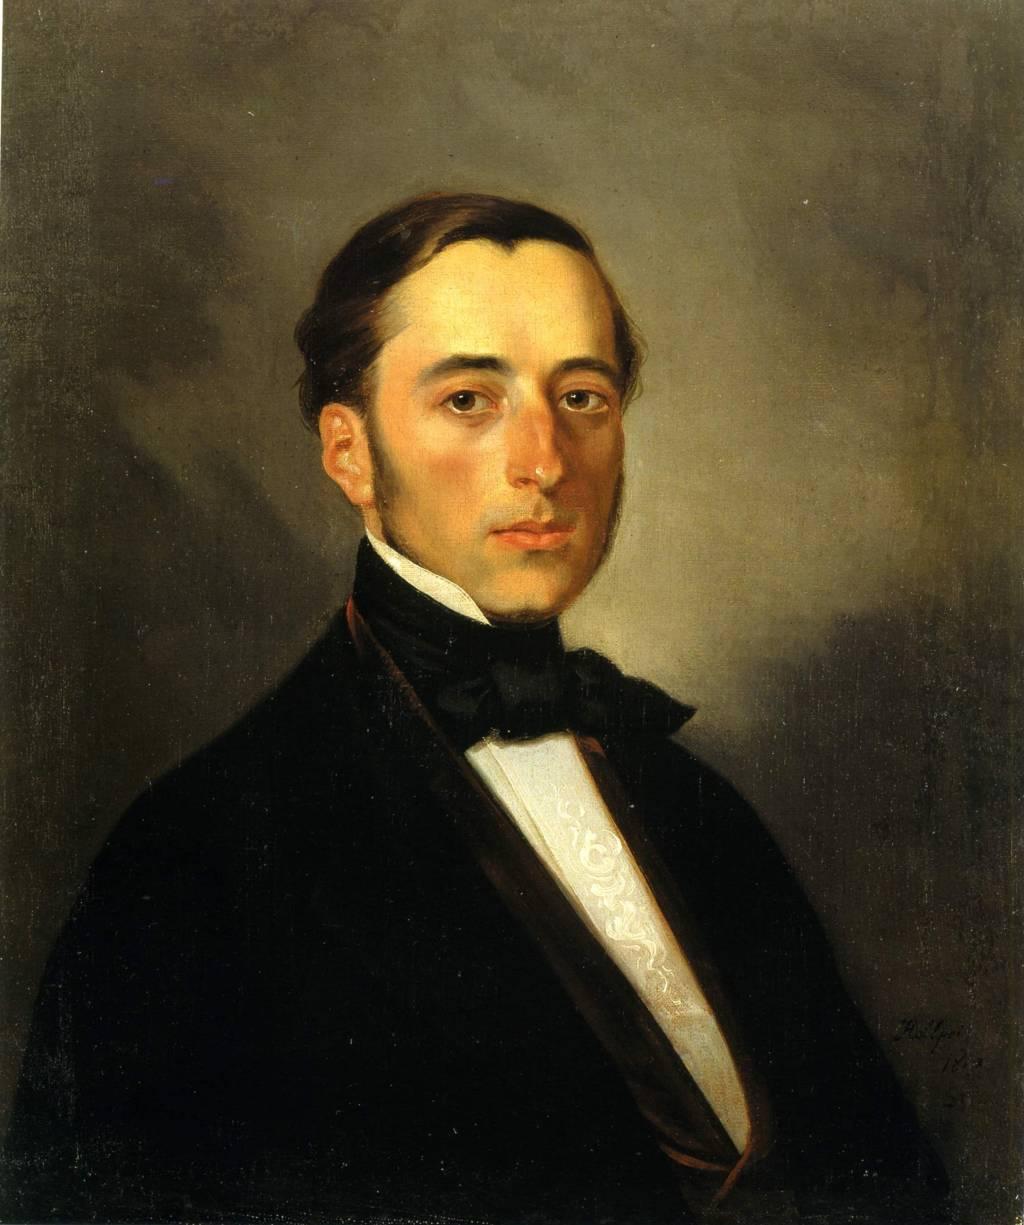 GolpejnMuzhskojportret1848.jpg